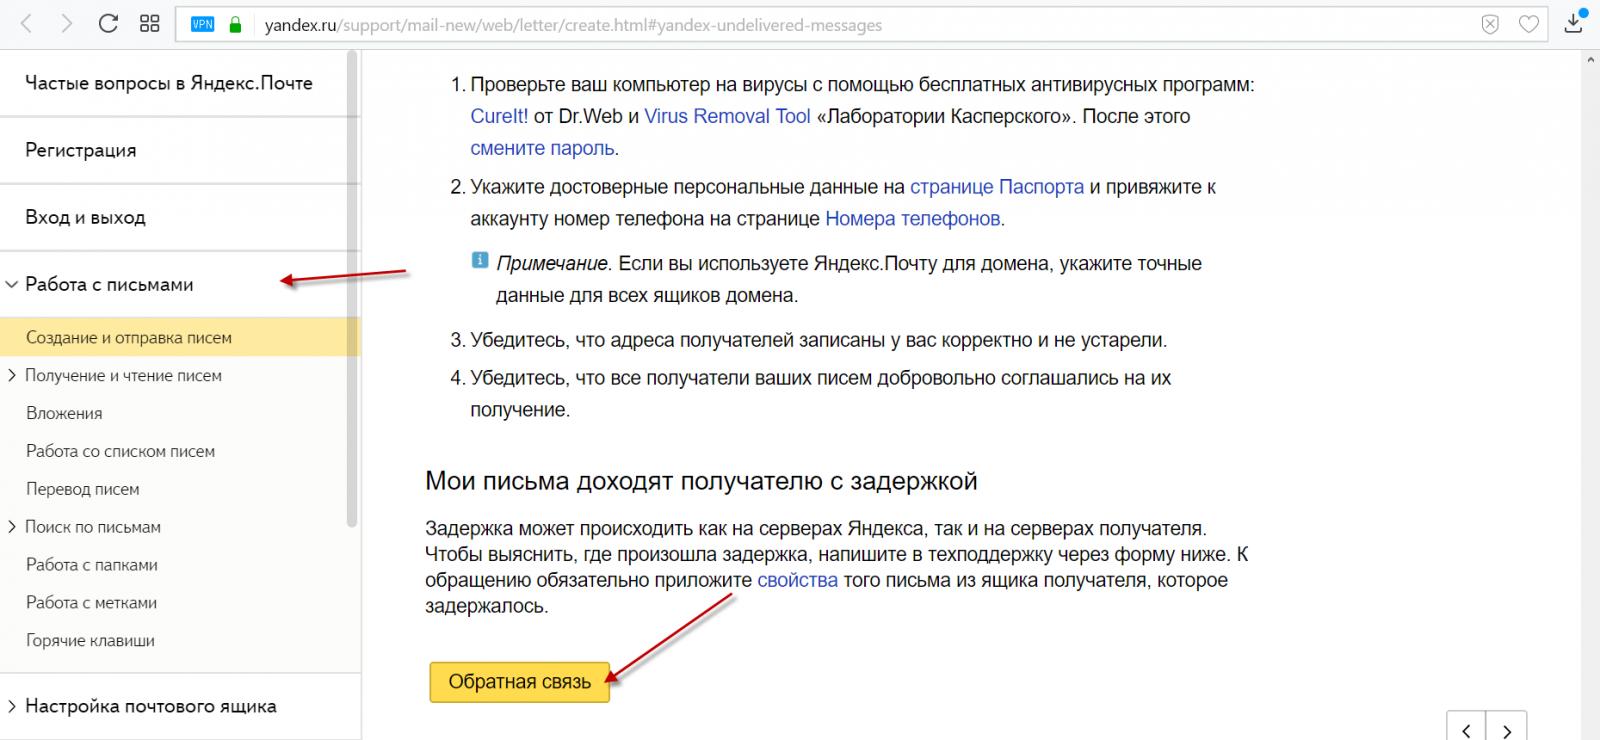 Частые вопросы по Yandex Postmaster